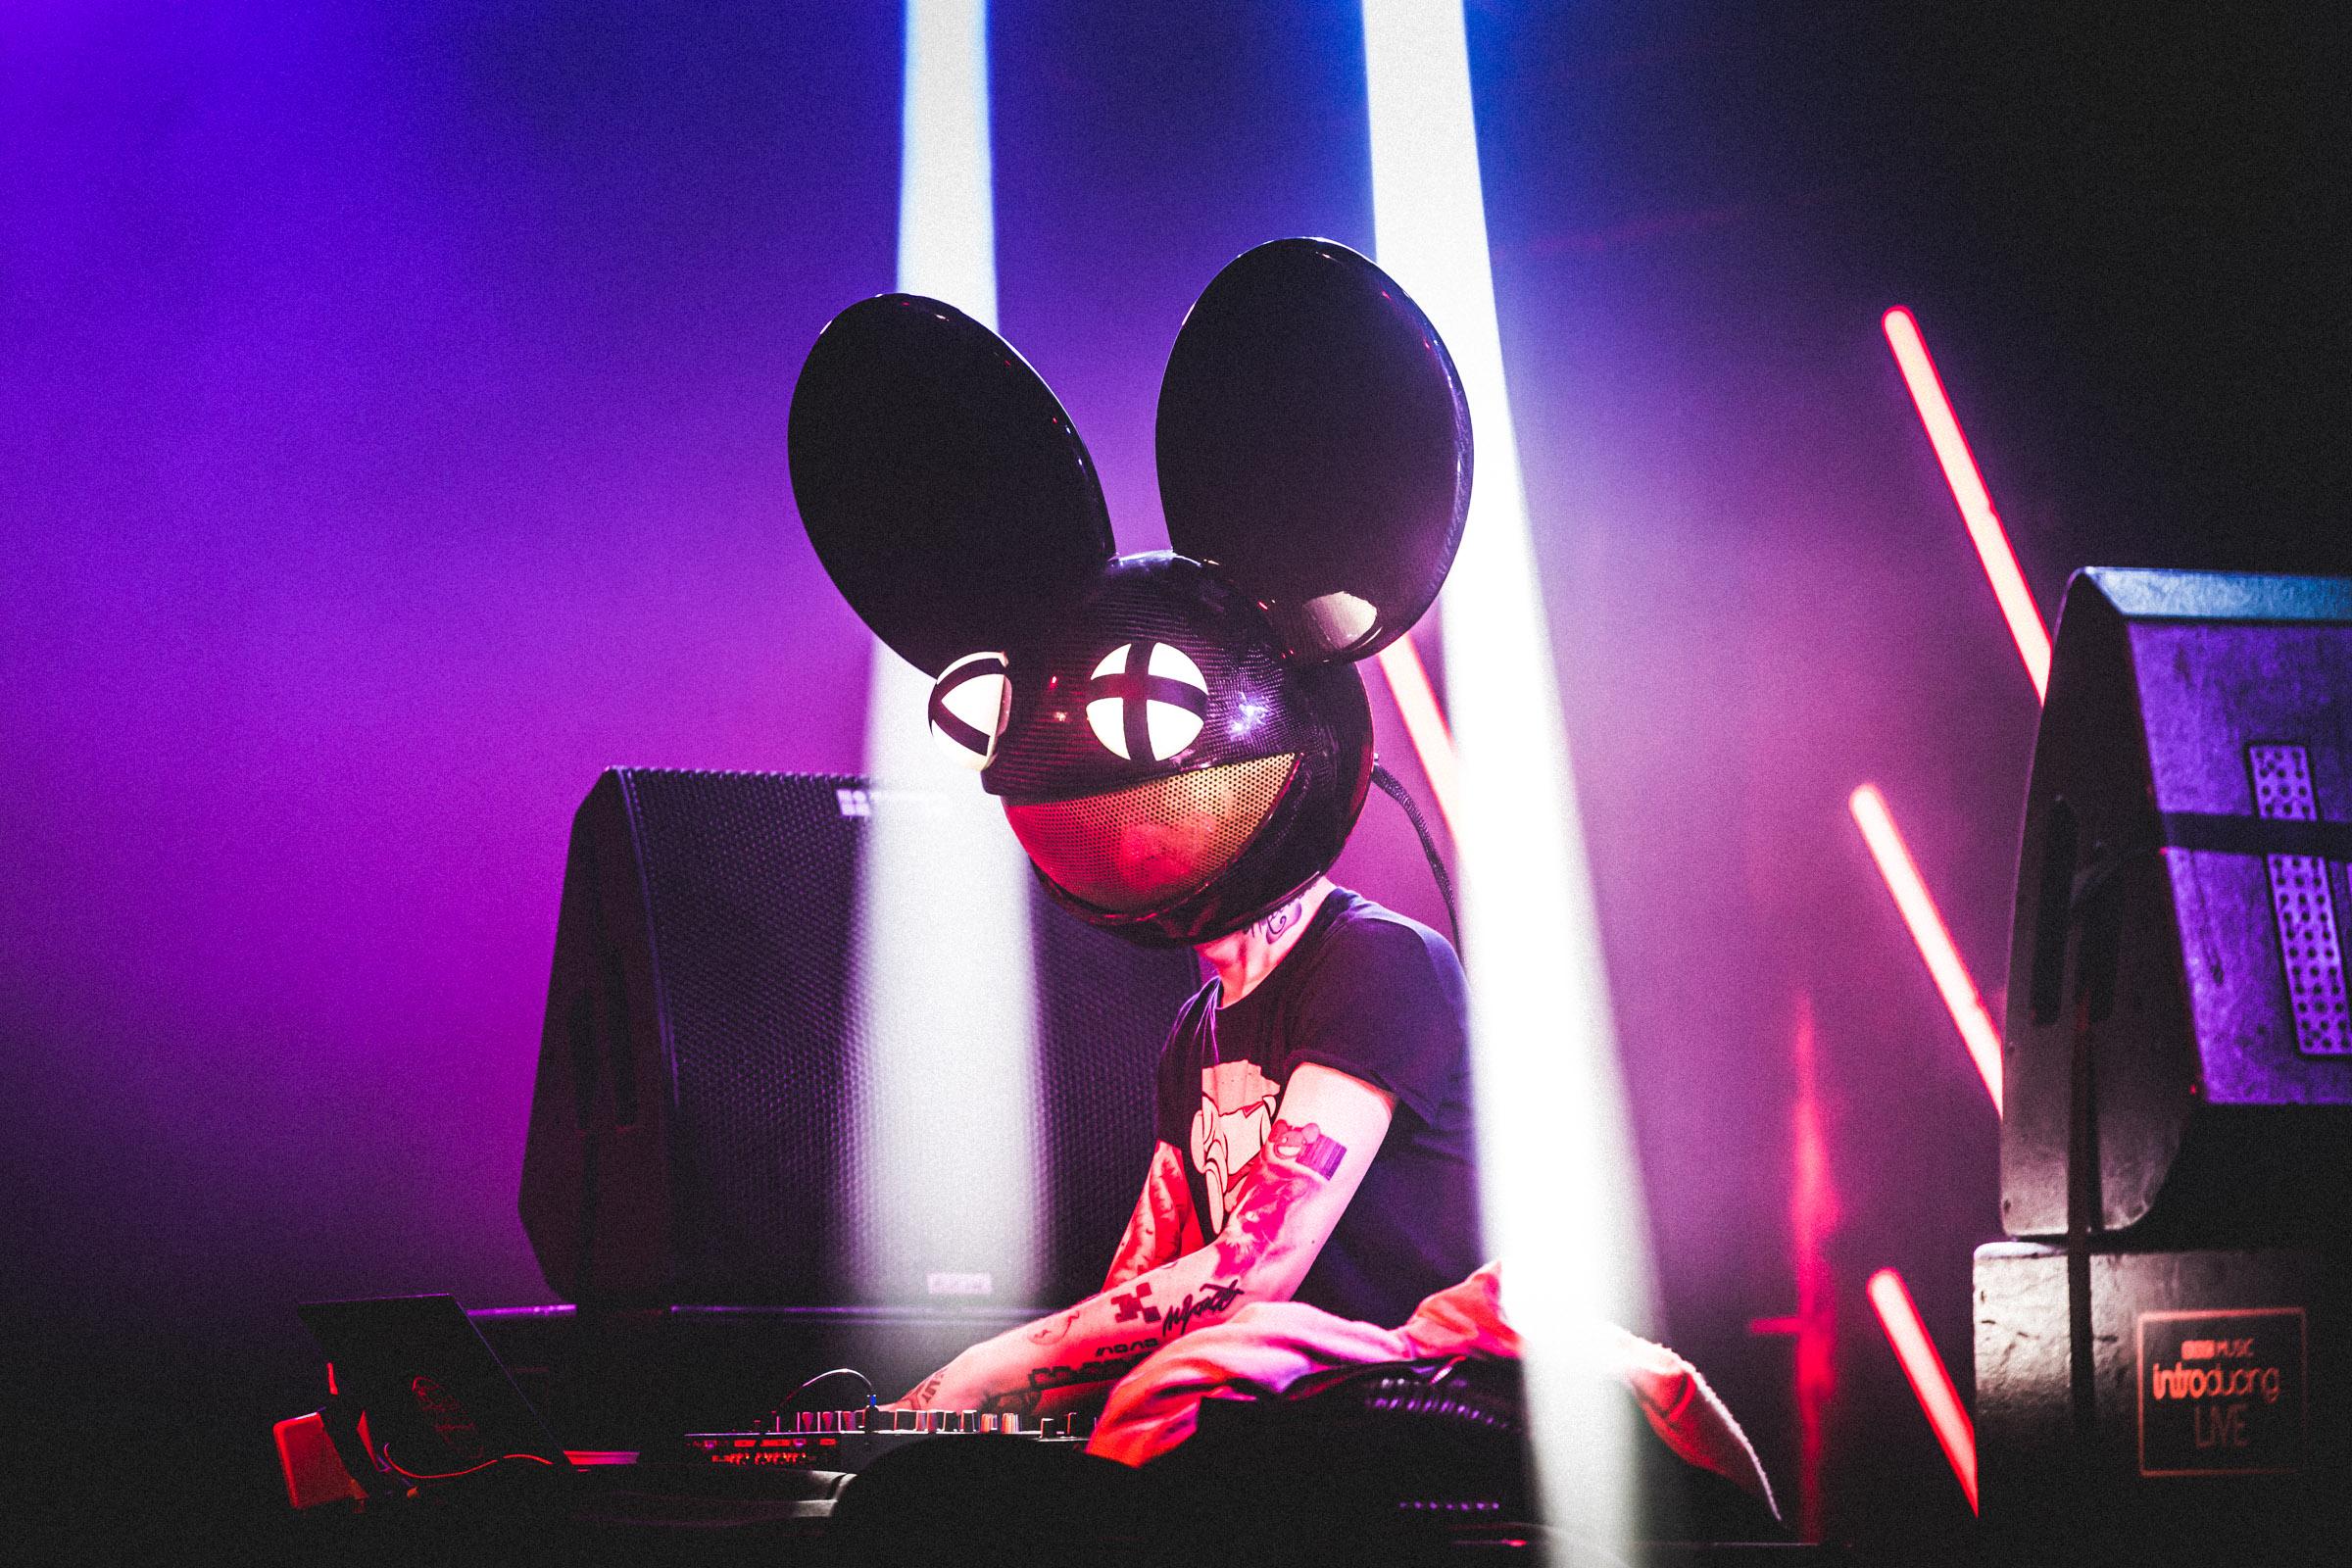 Music - Deadmau5